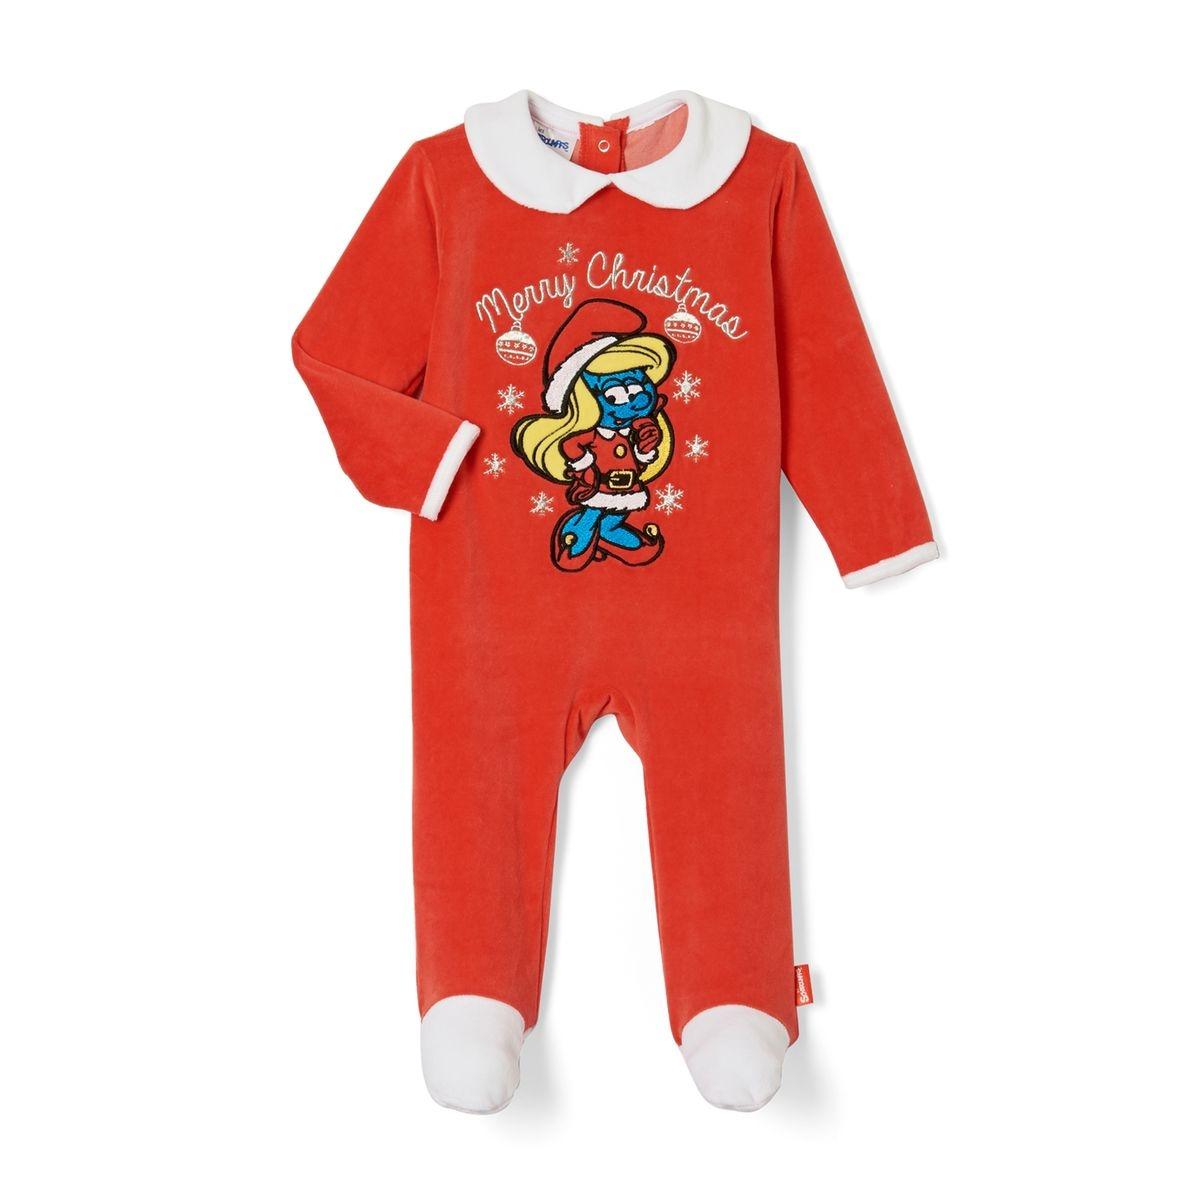 Pyjama en velours avec pieds, 3 mois - 2 ans